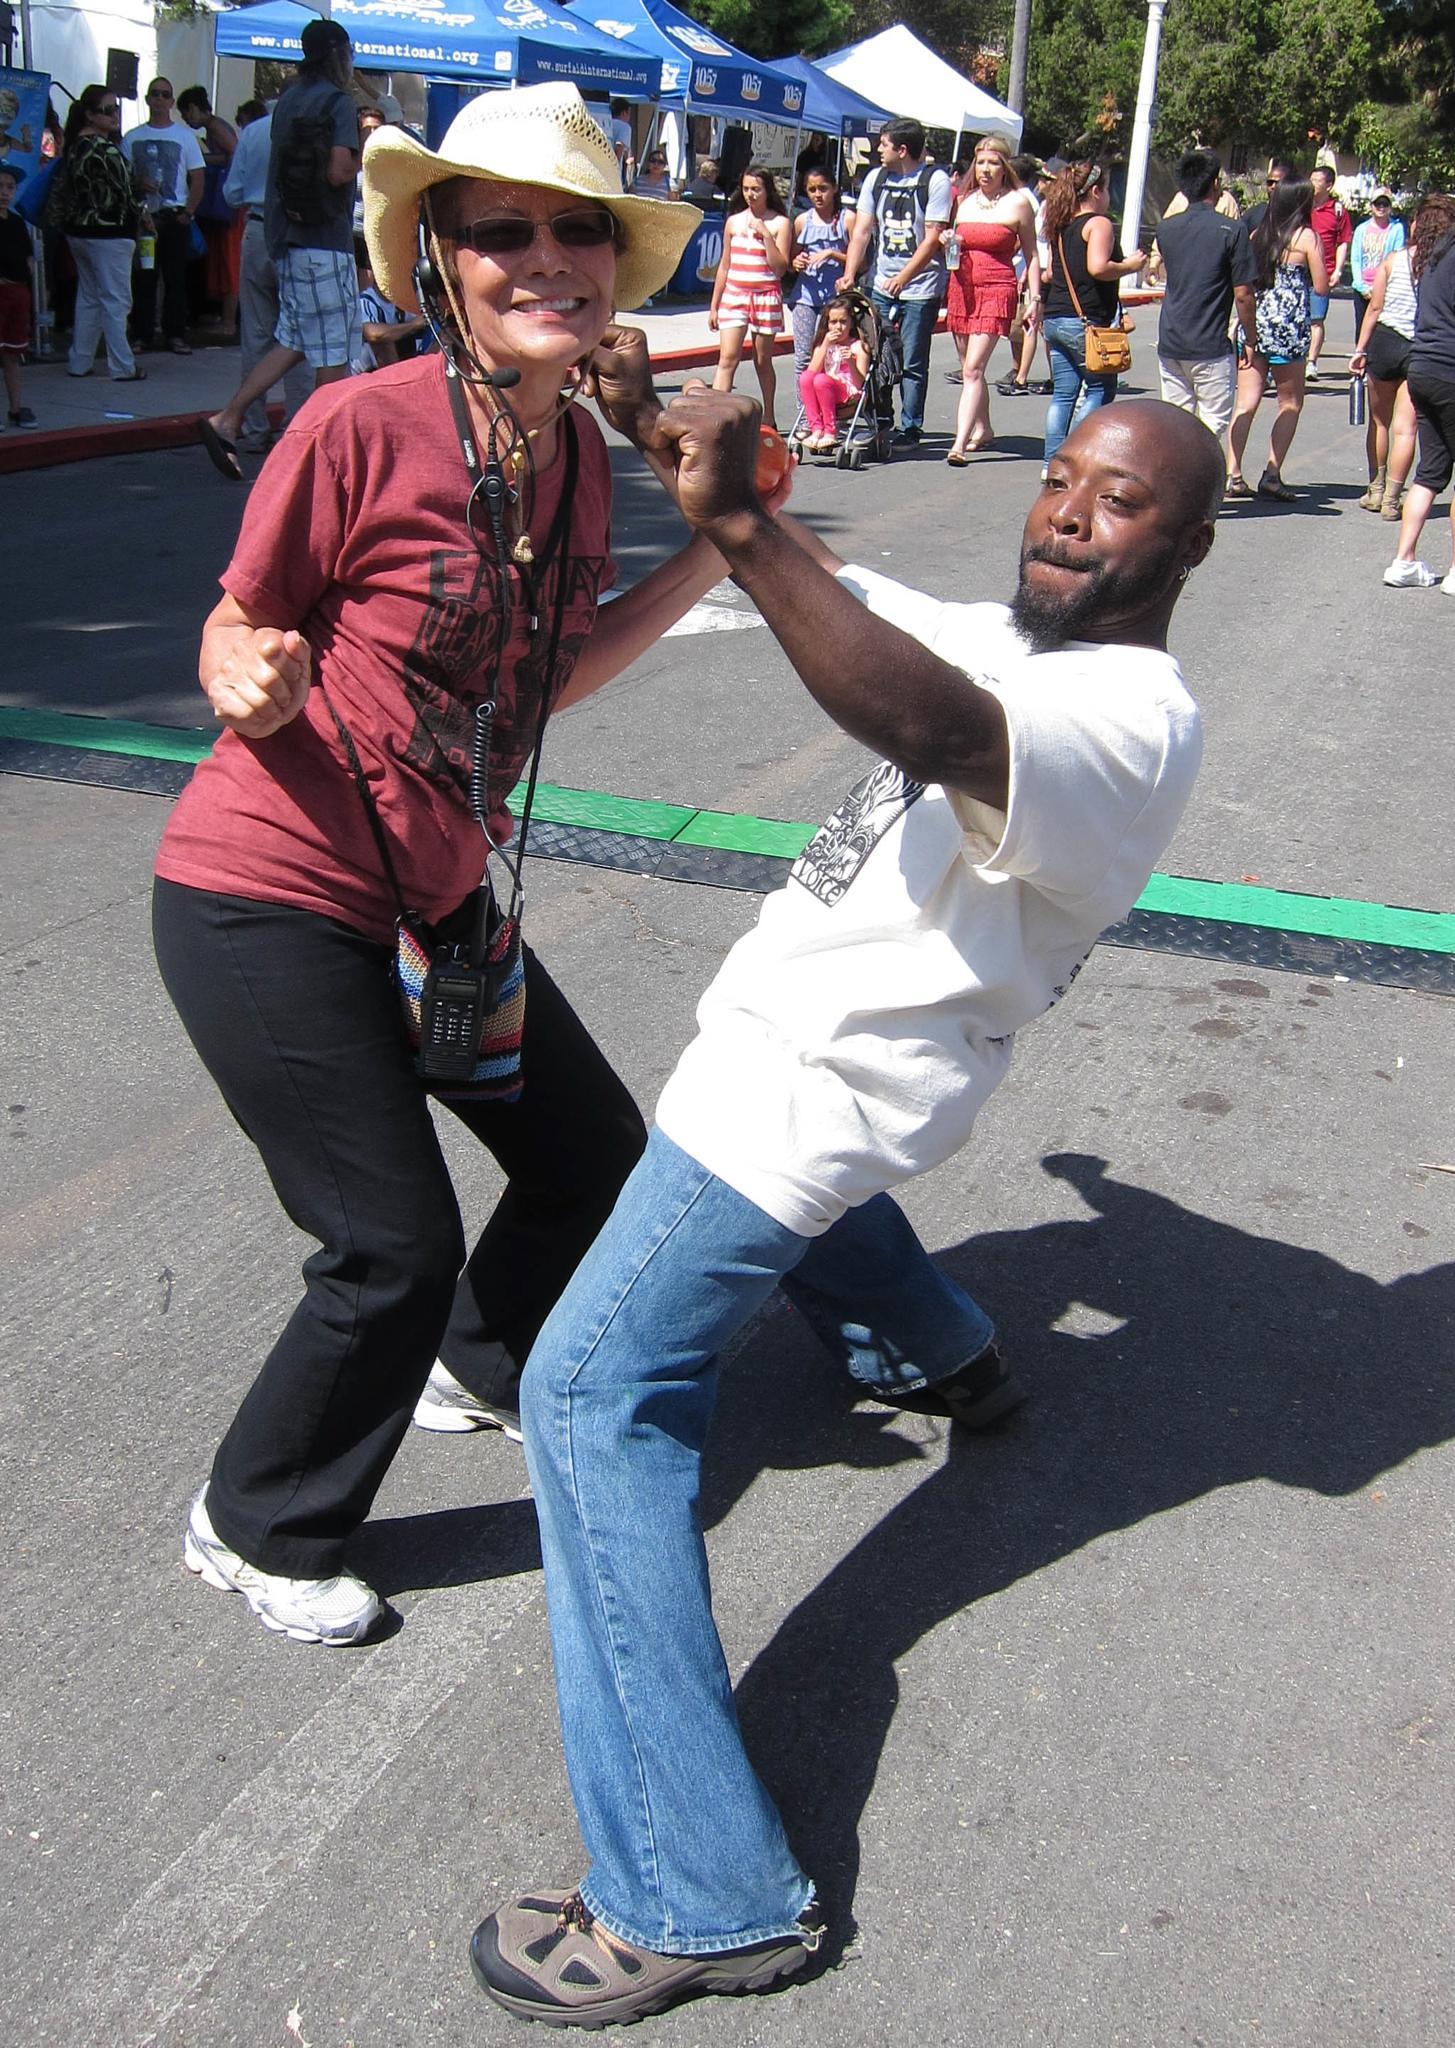 Dancing Volunteers by Carolyn Chase